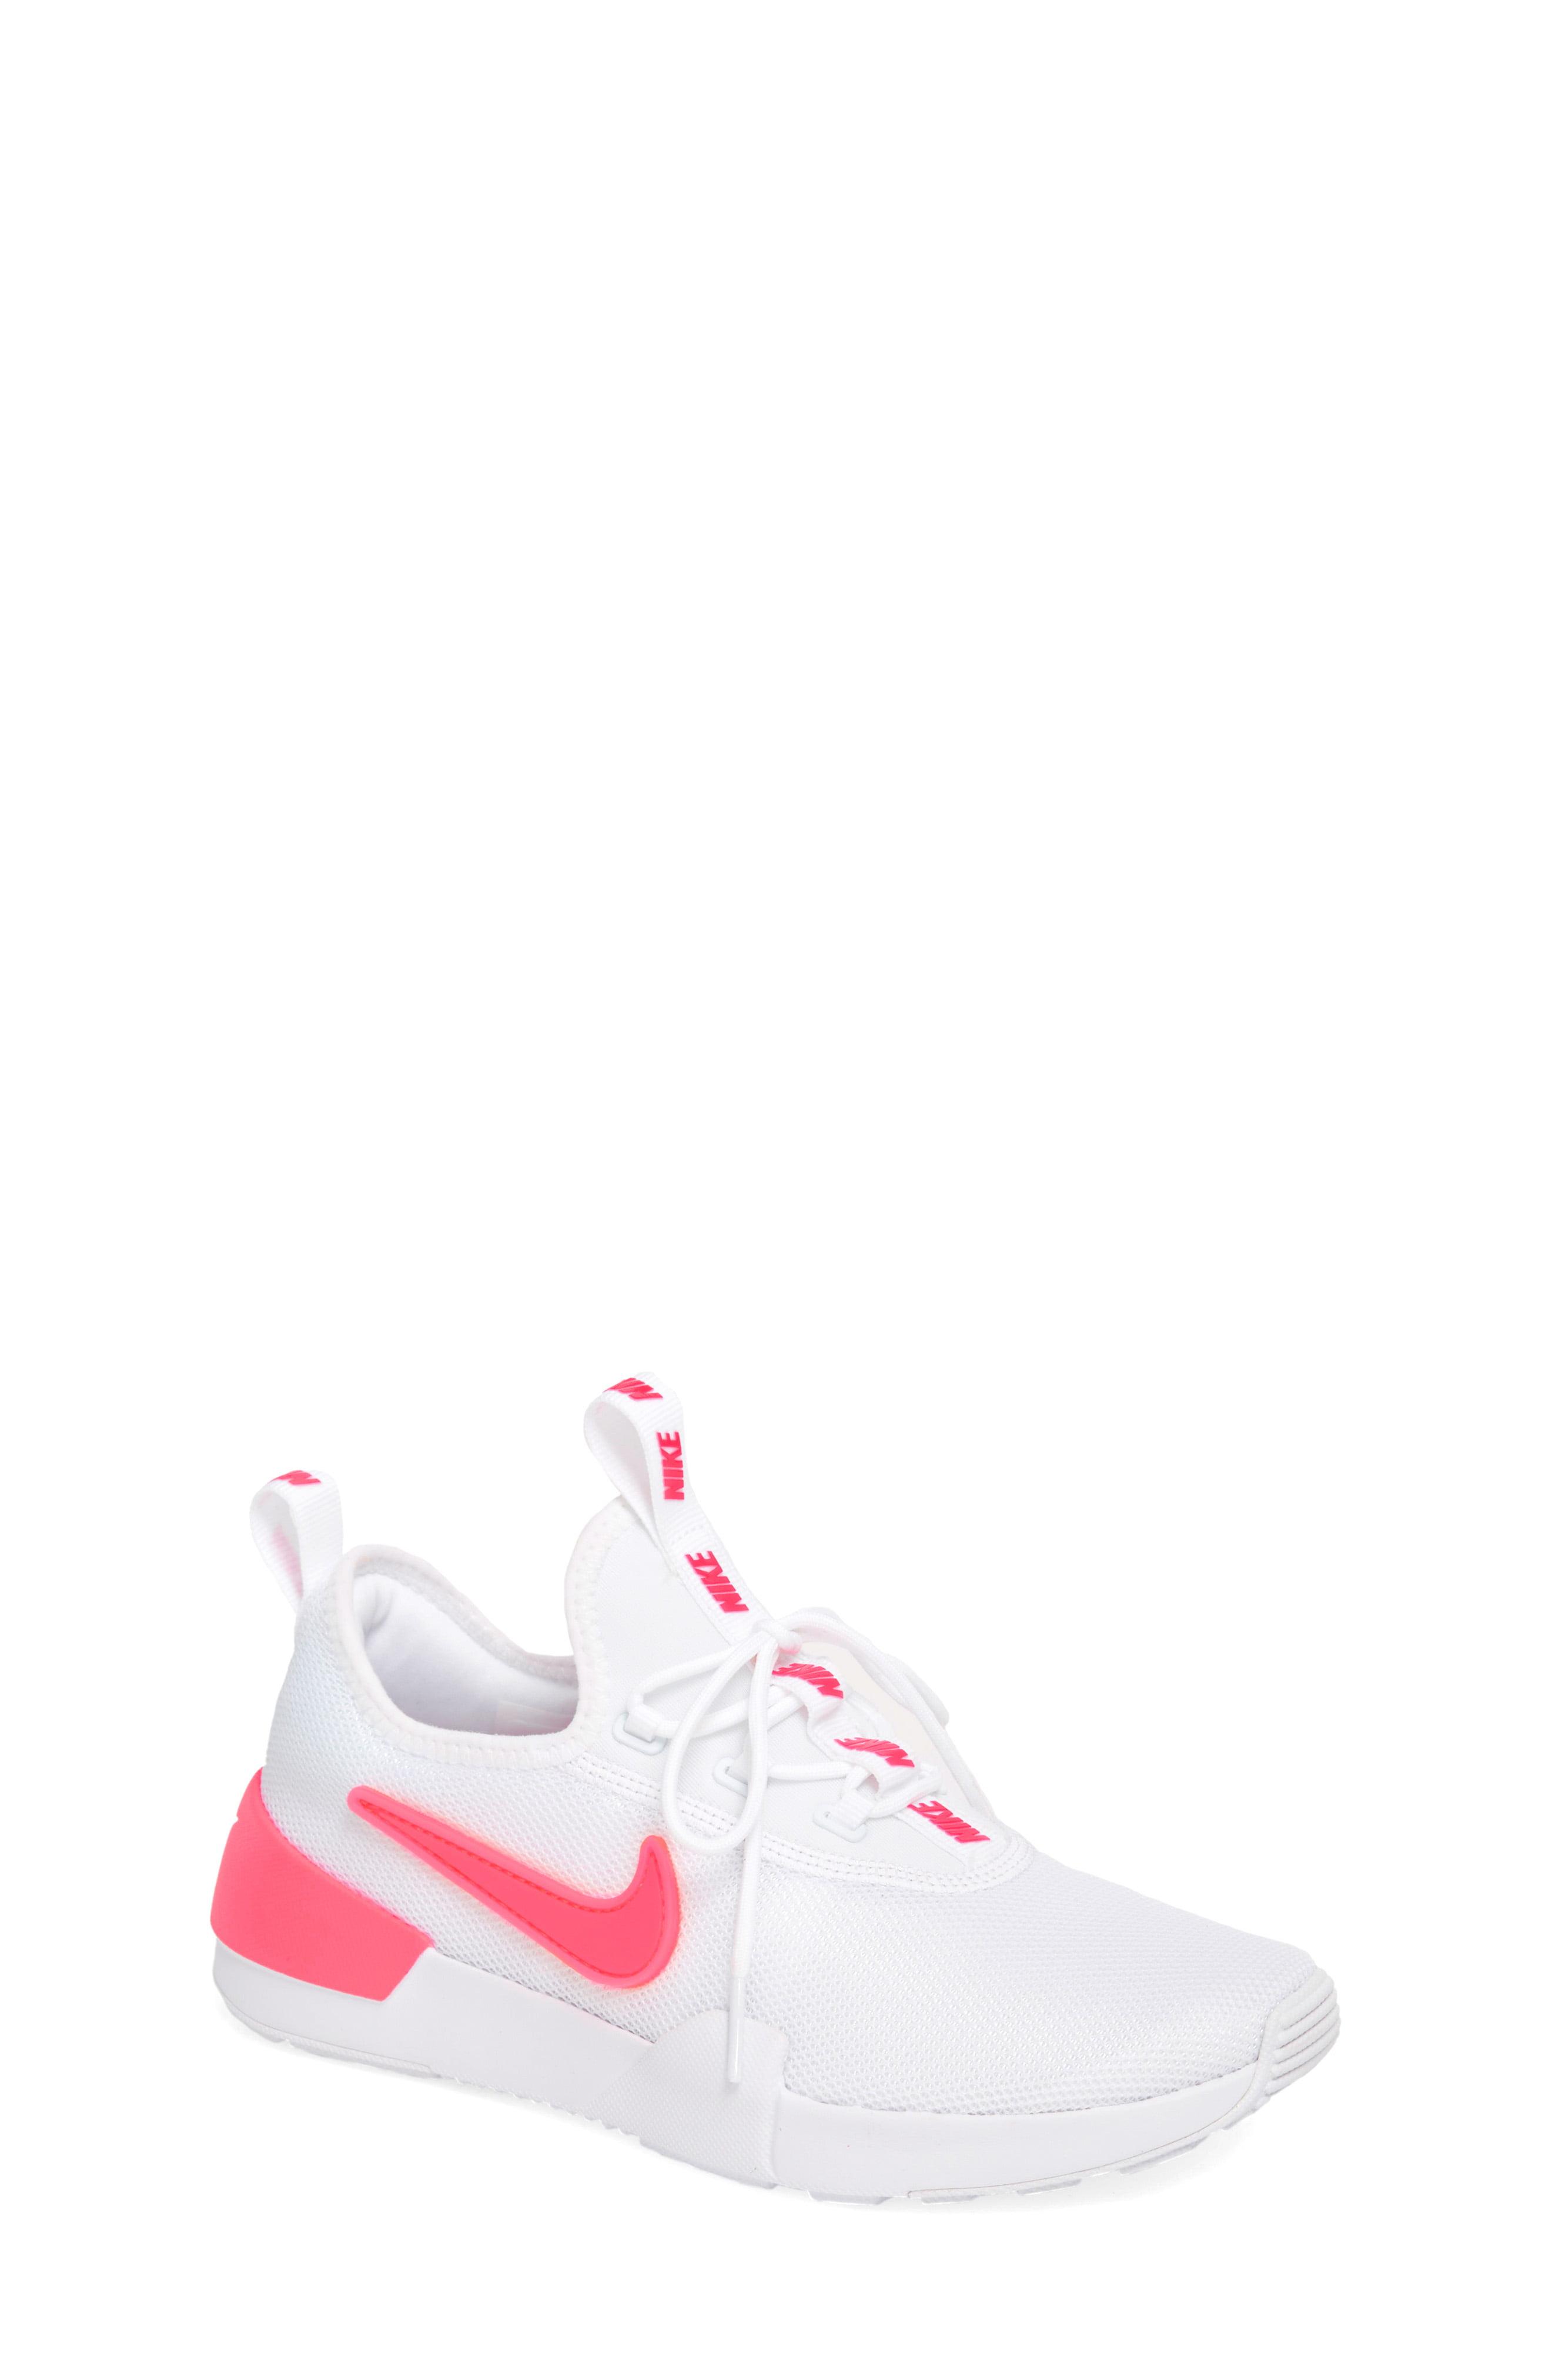 d58e4035 Girl's Nike Ashin Modern Sock Knit Sneaker, Size 3.5 M - White ...